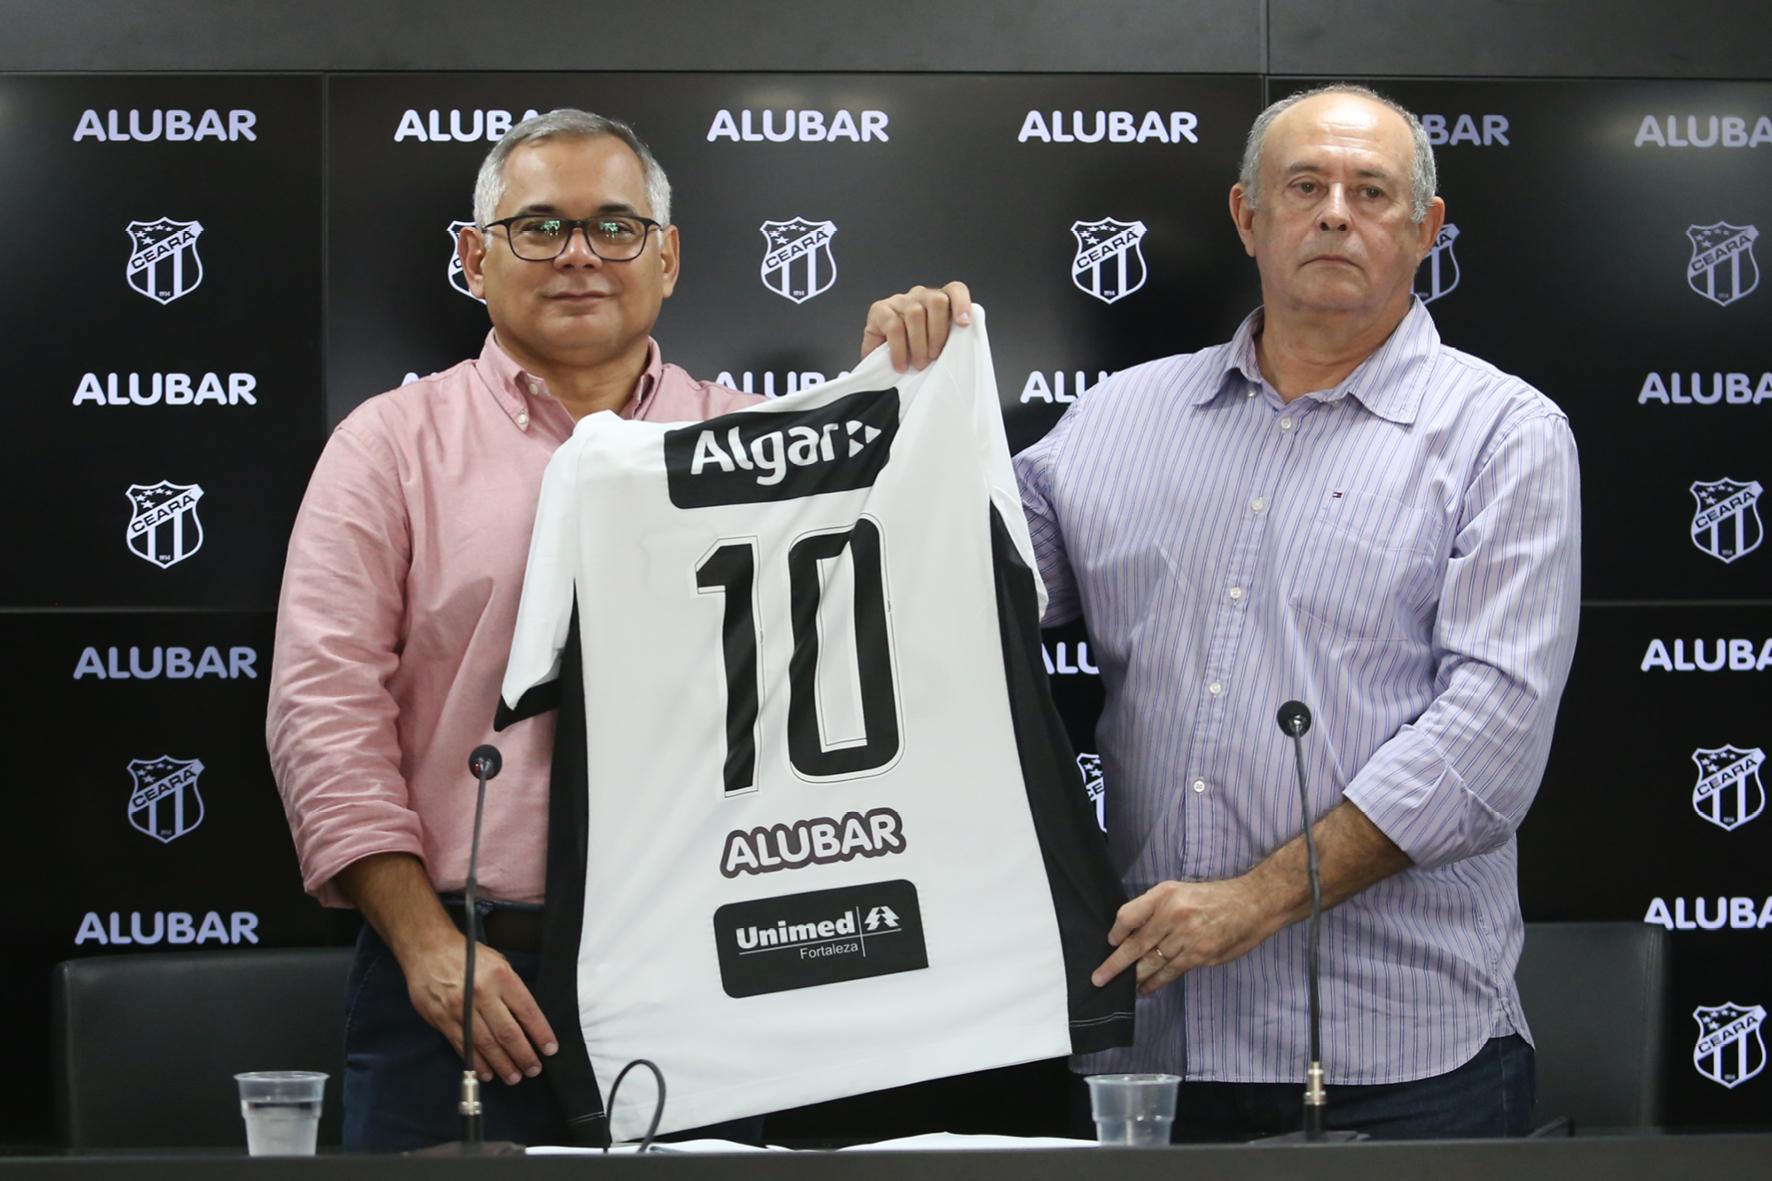 Patrocínio novo  Alubar é a nova parceria do Ceará para a temporada 2019 72b6fcadcf910